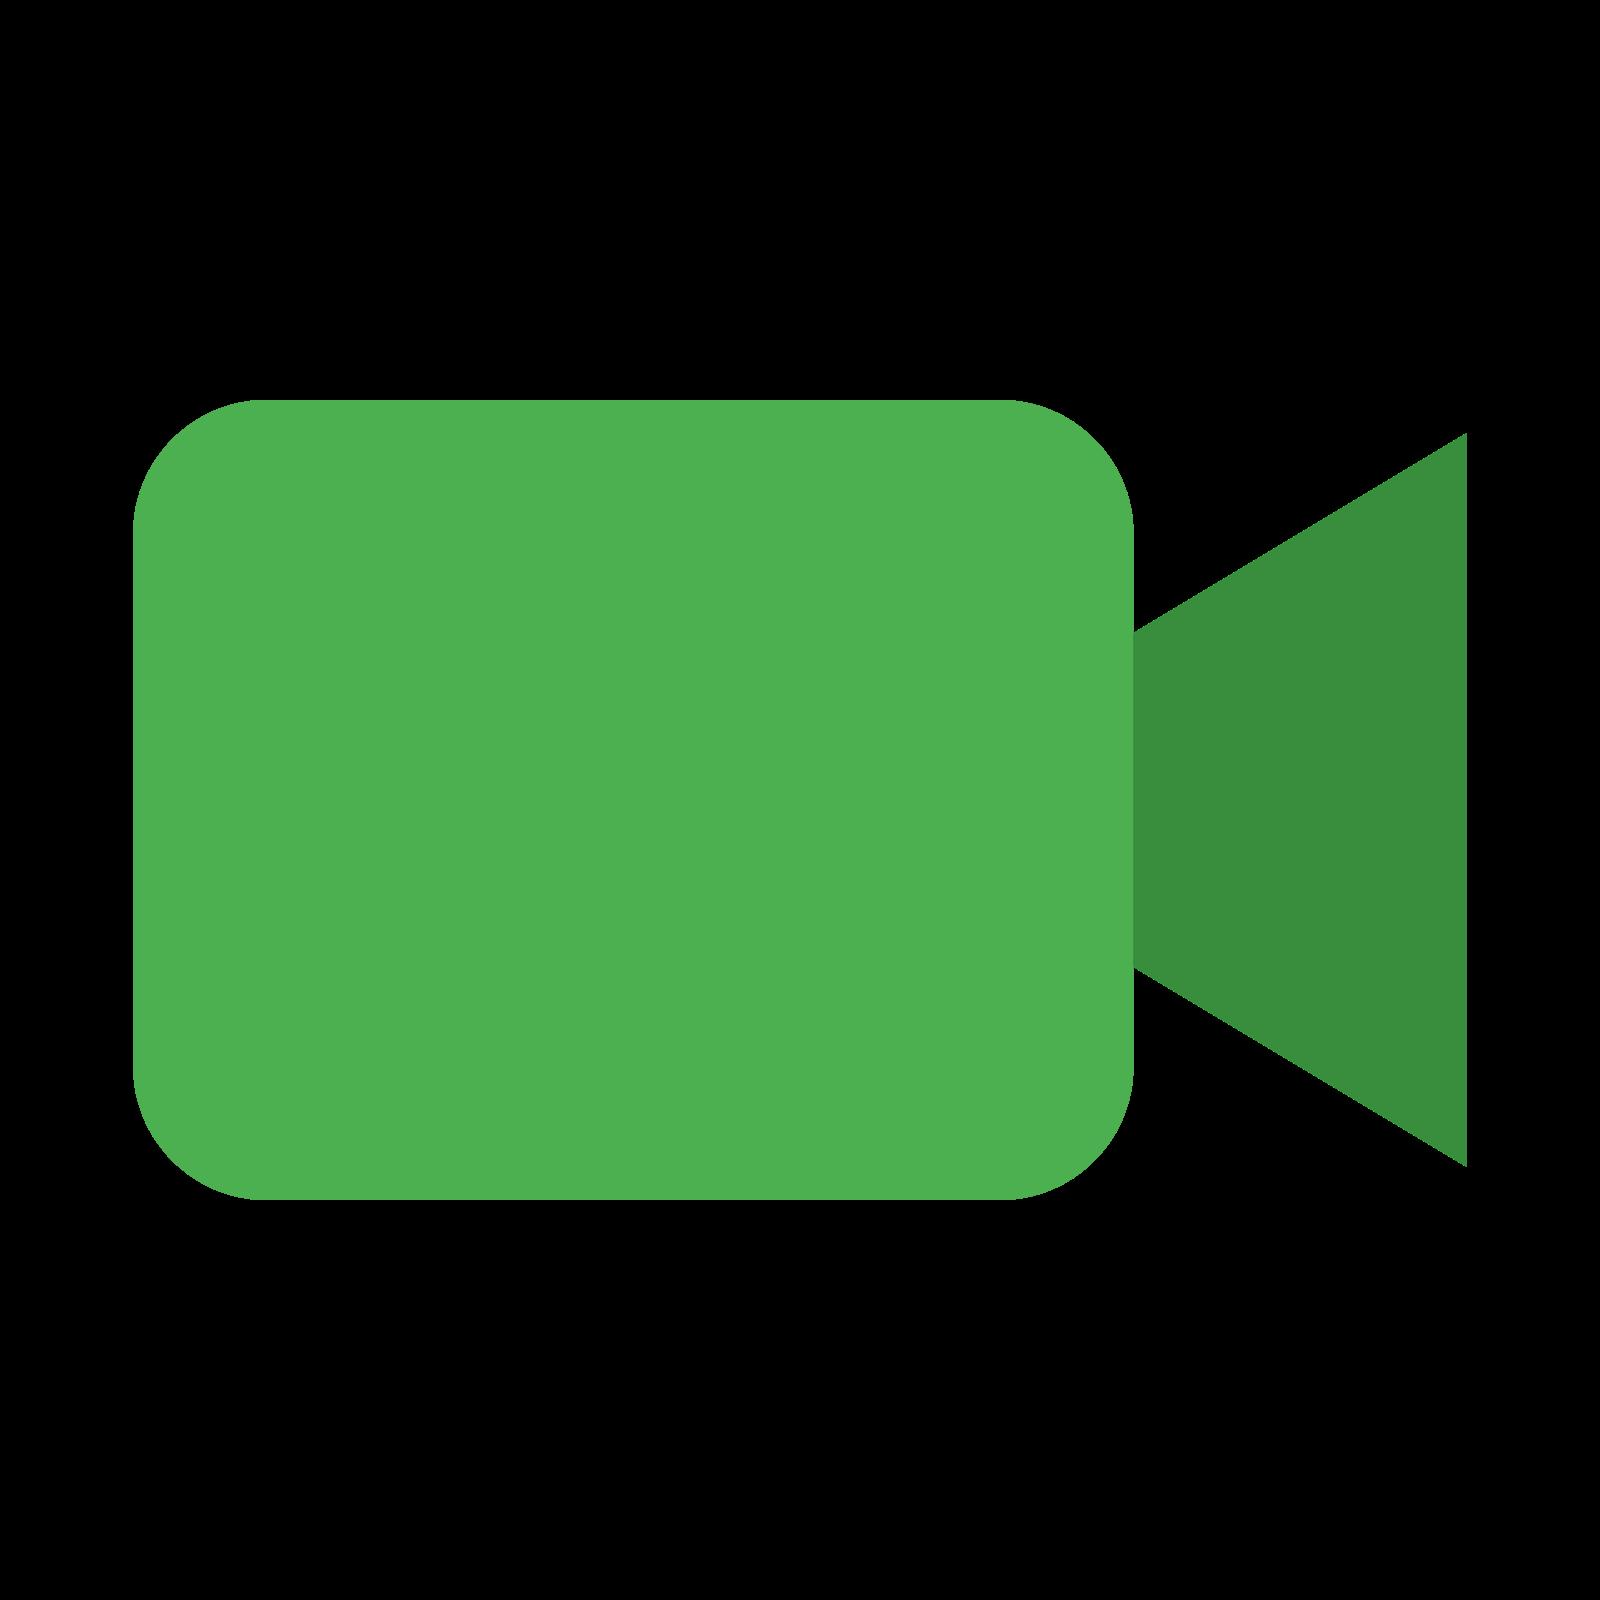 Видеозвонок icon